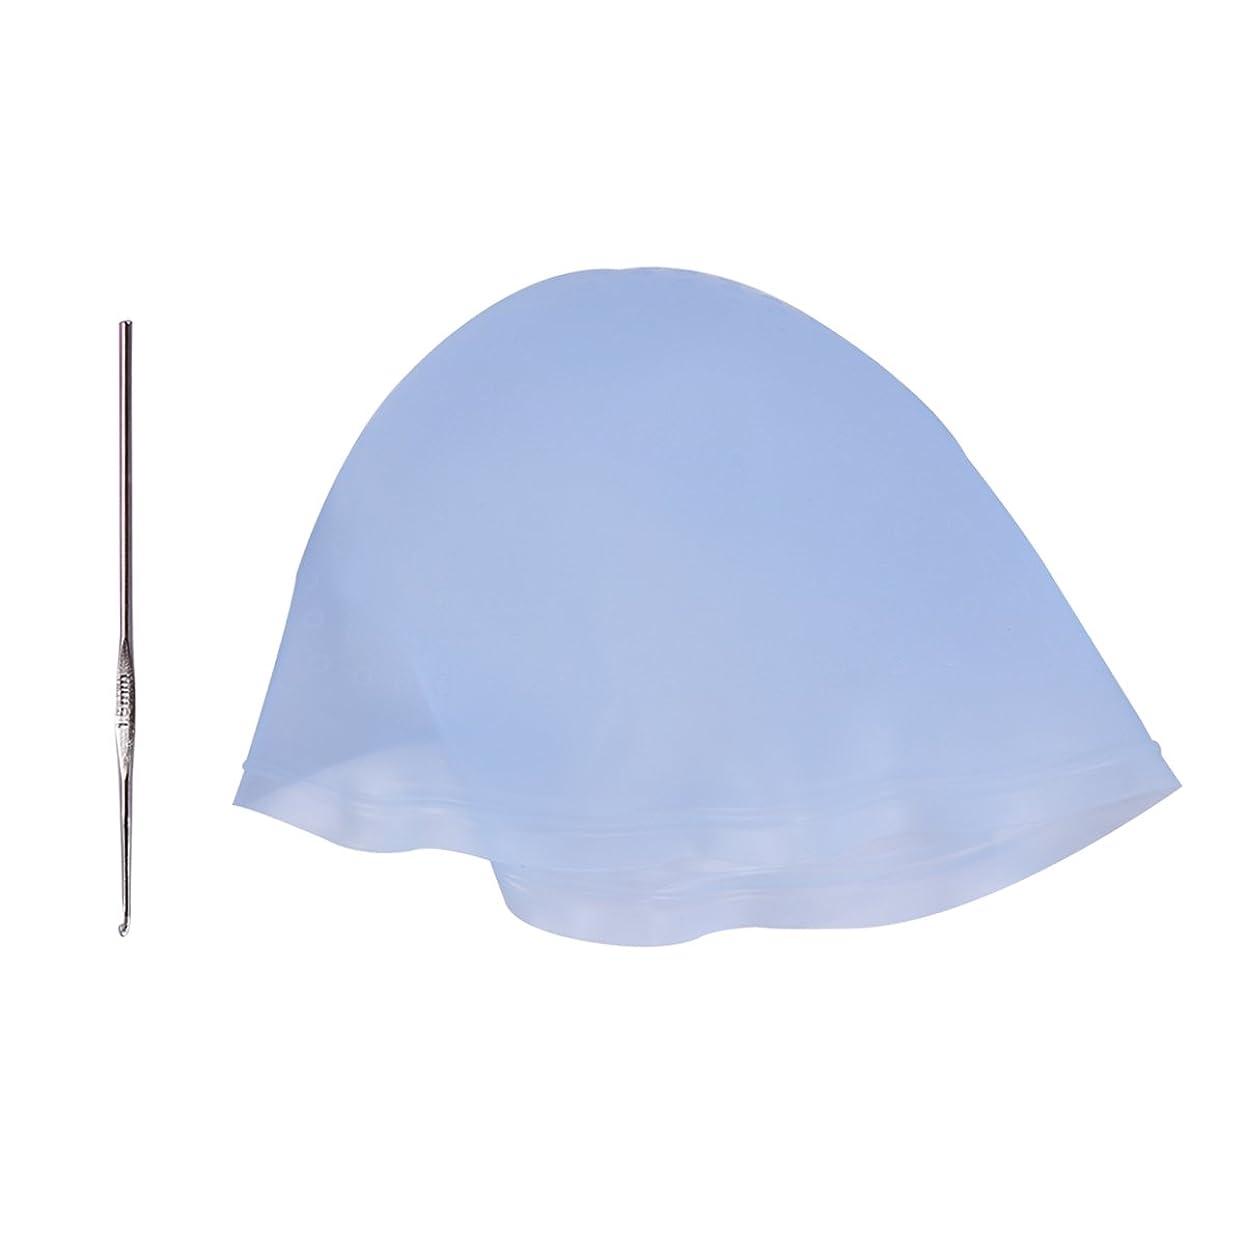 説明バイナリ一節ROSENICE フックヘア再利用可能な染色用カラーツール(スカイブルー)付きシリコーンサロンダイキャップ